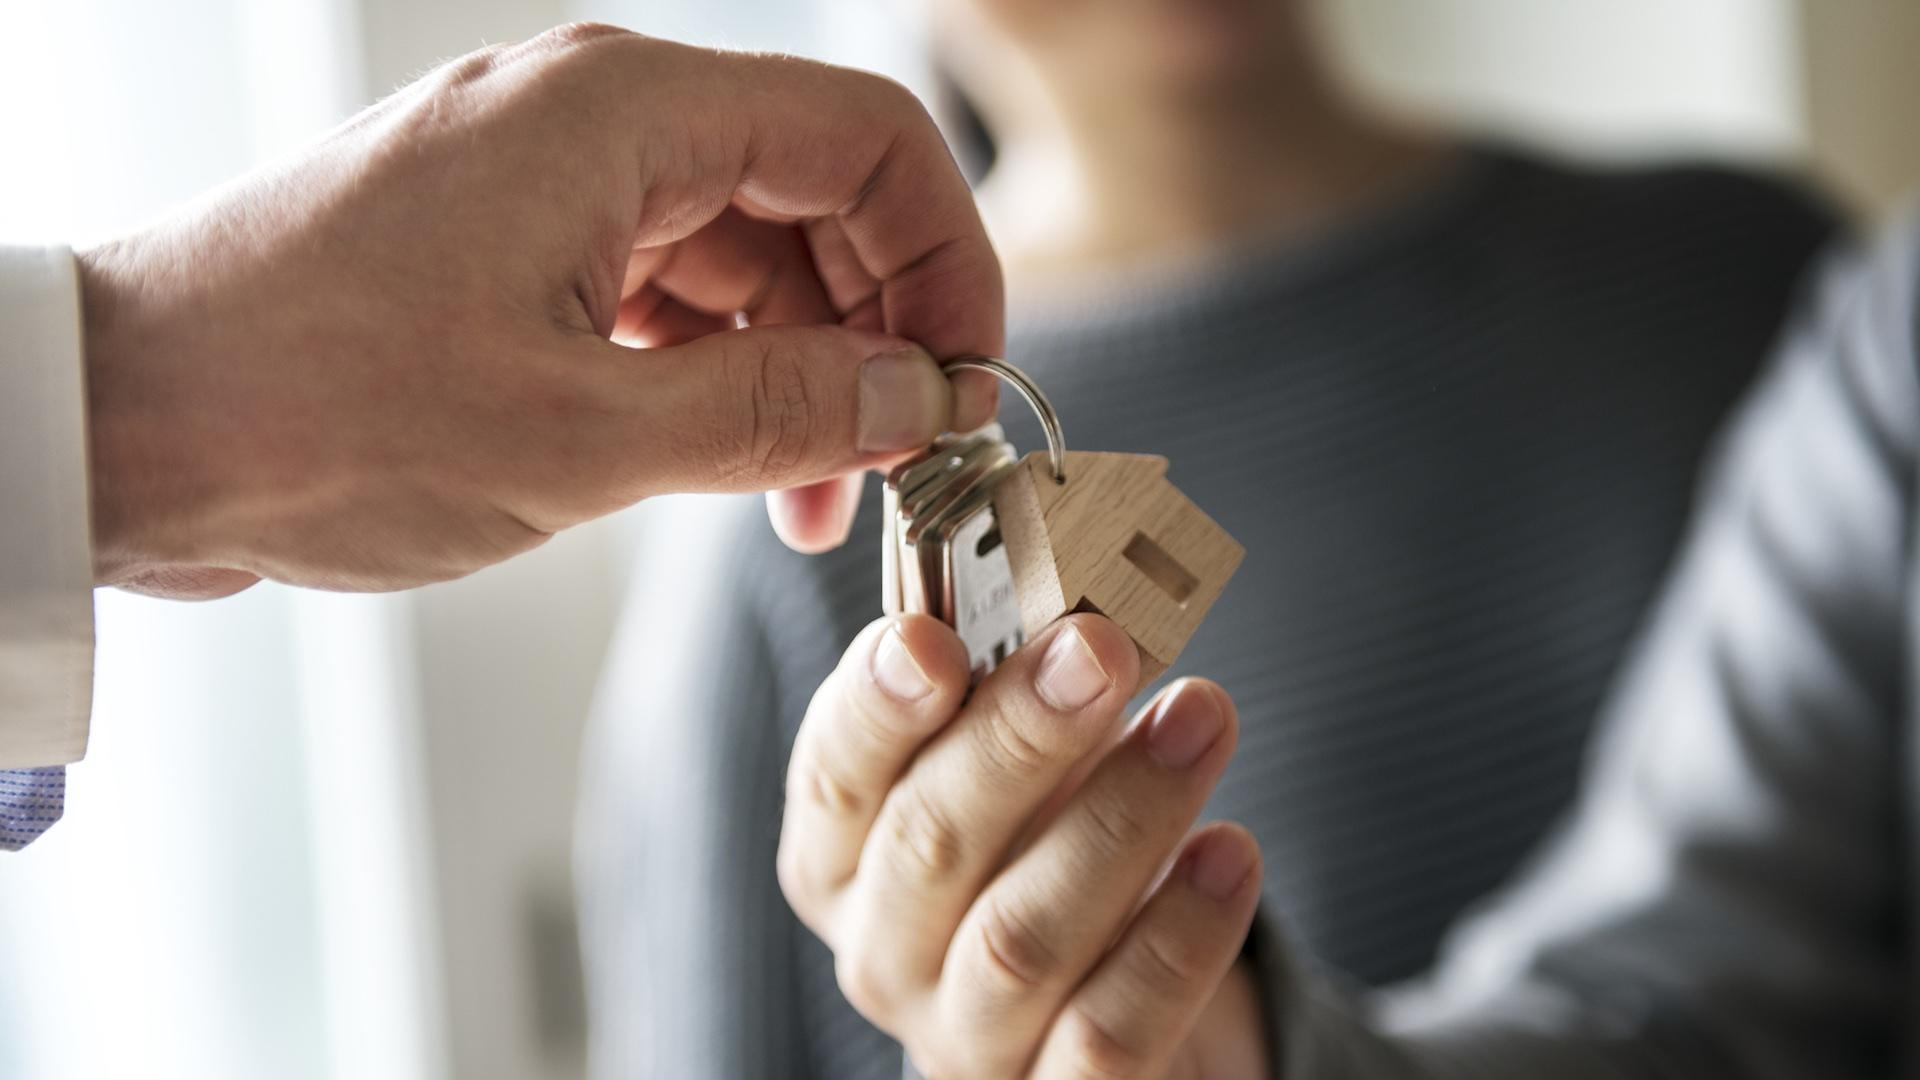 requisitos para comprar una casa usada 2